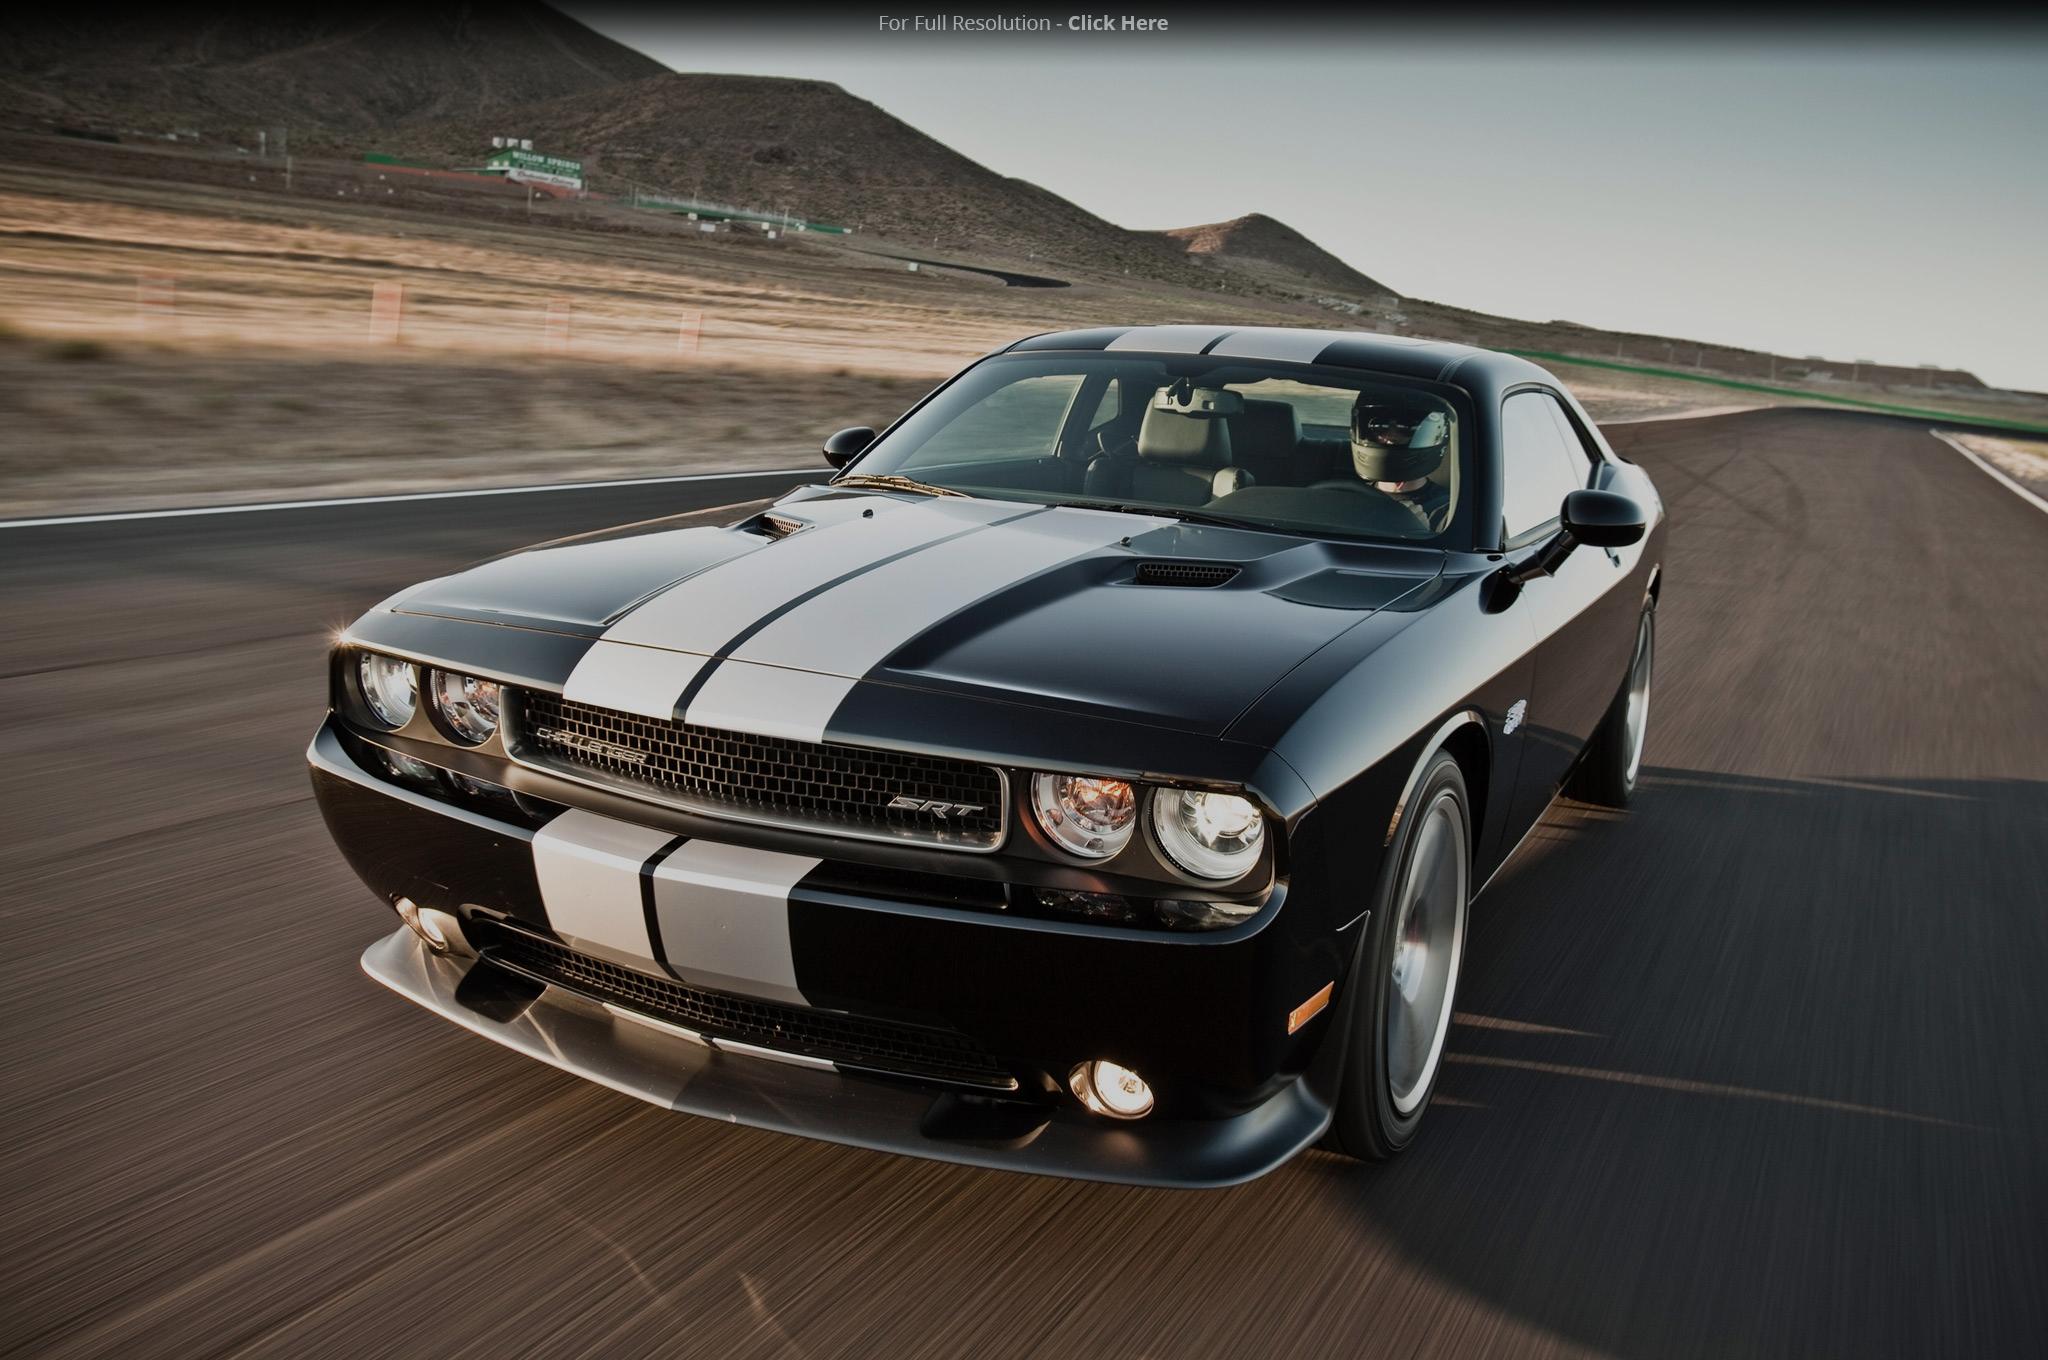 2015 Barracuda Srt Pictures.html | Autos Weblog